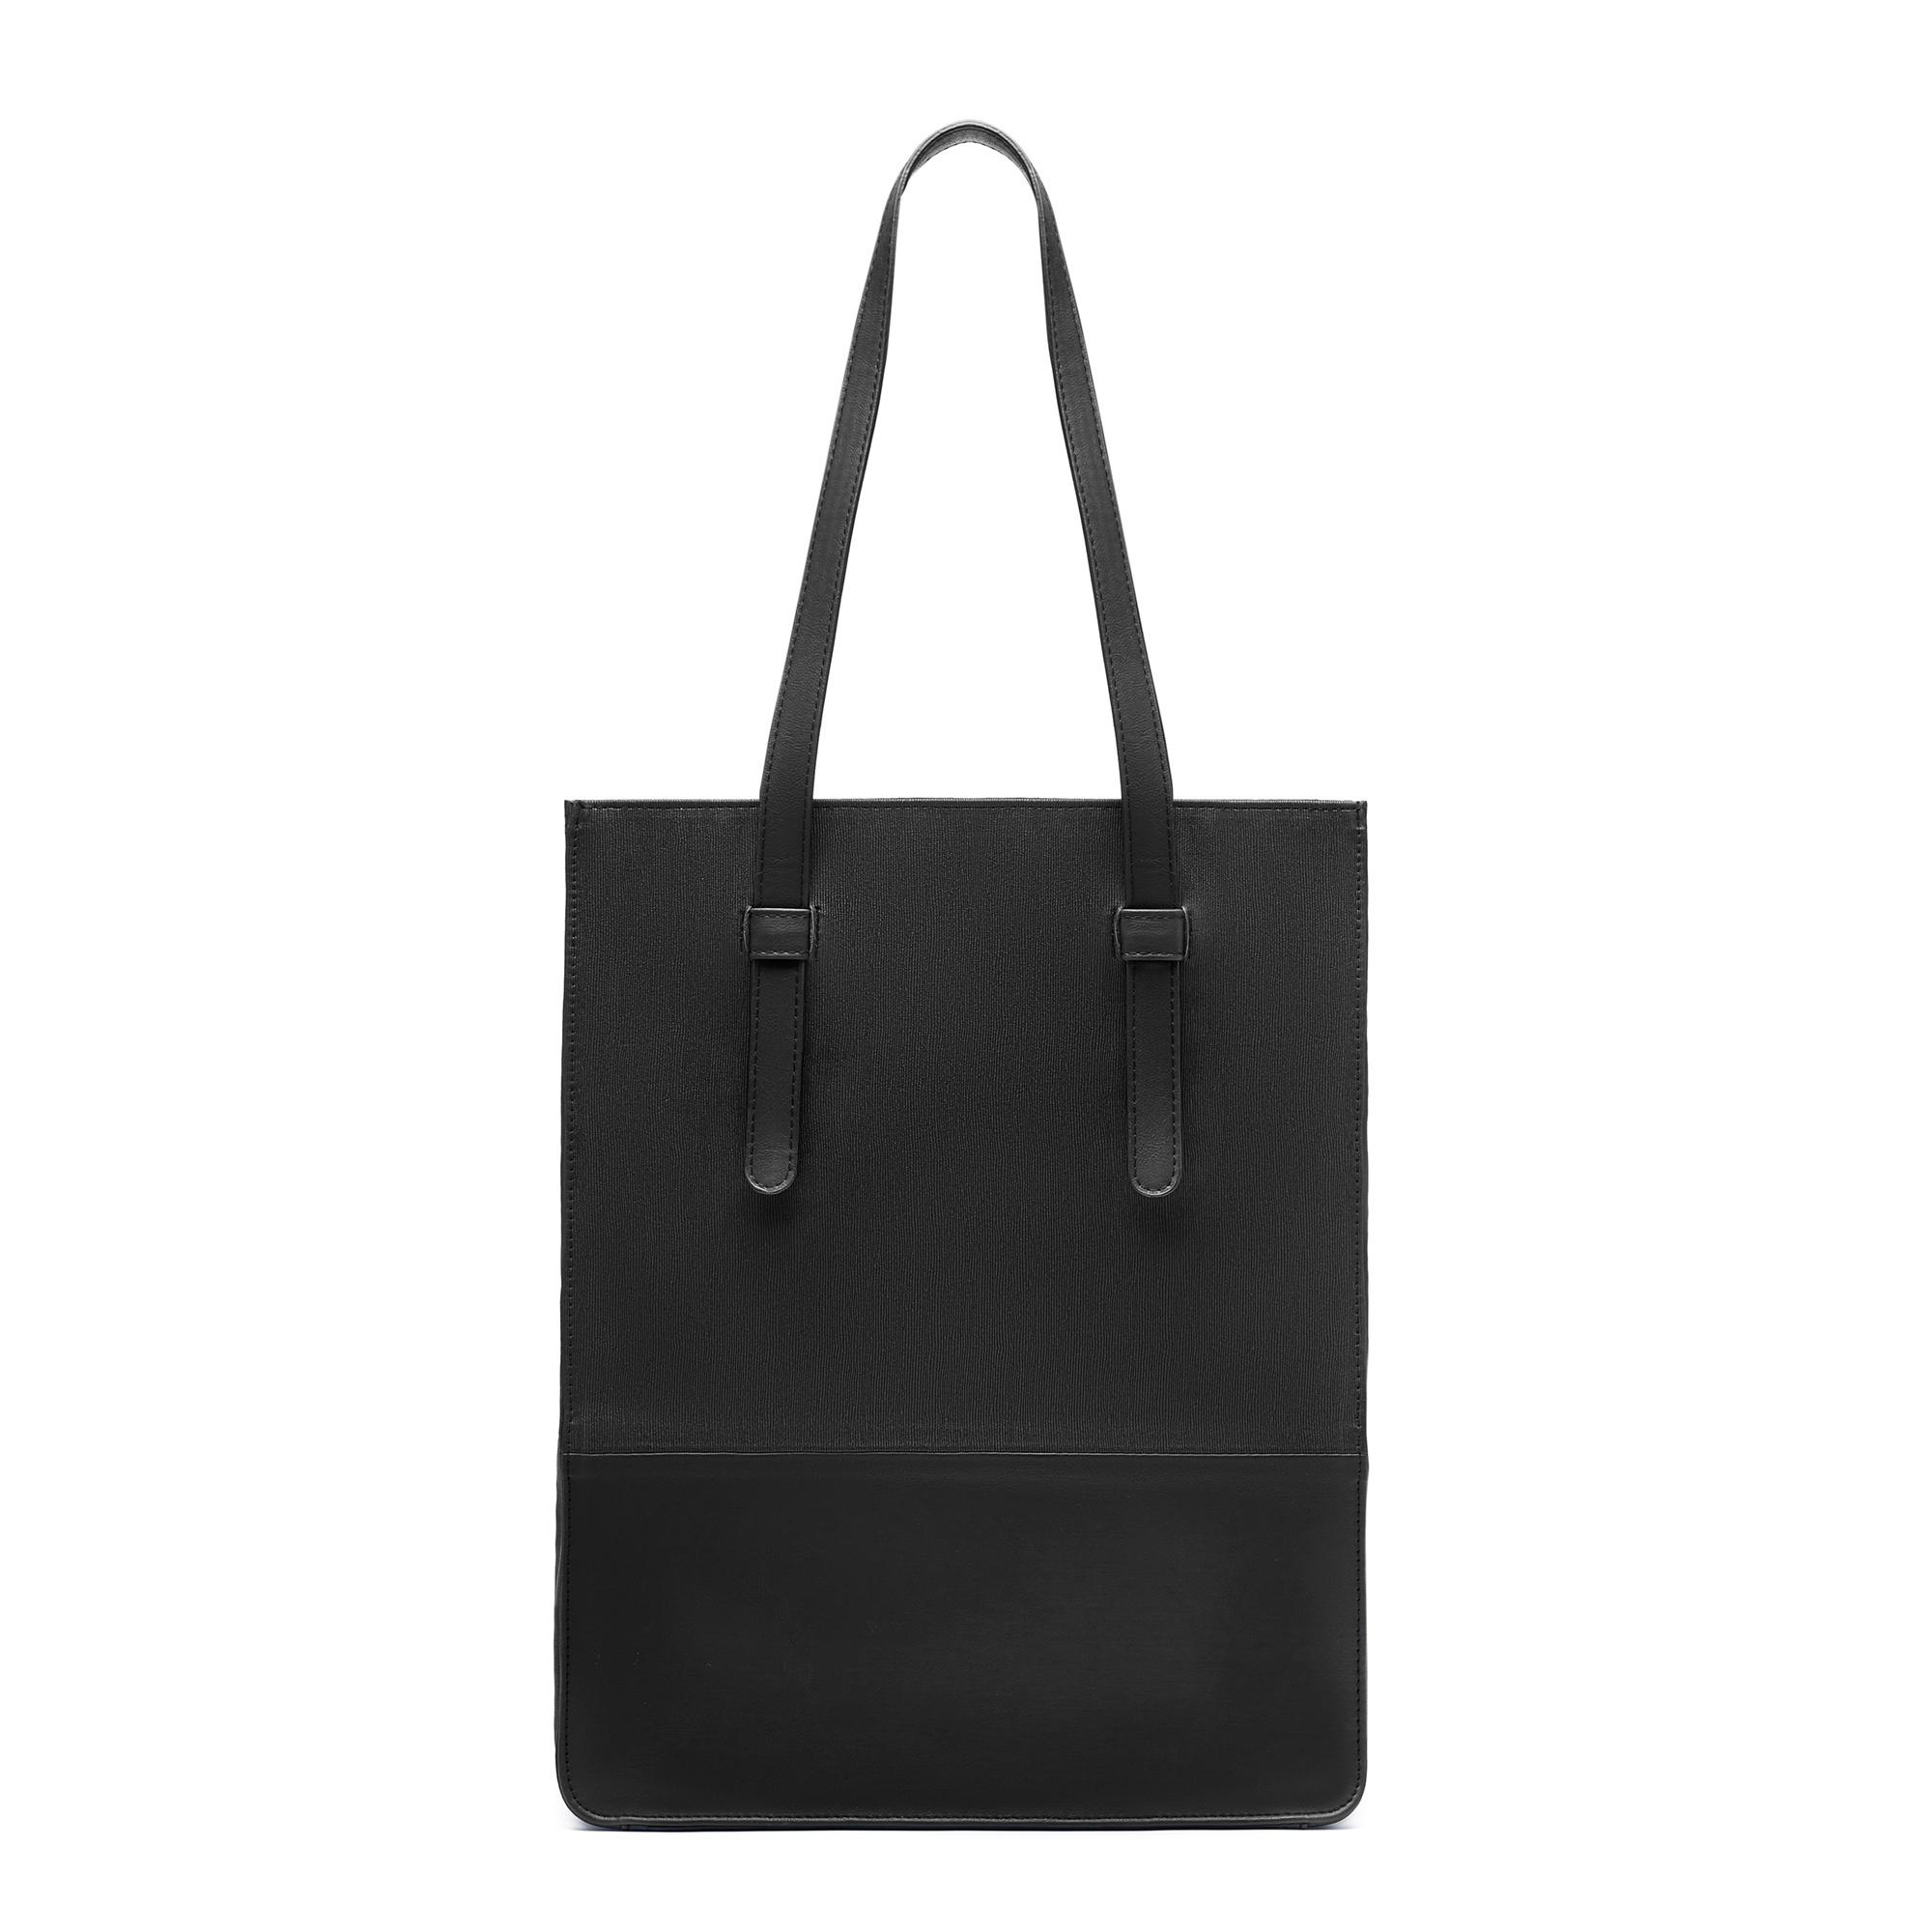 Violet Hamden Essential Bag schwarzer Shopper